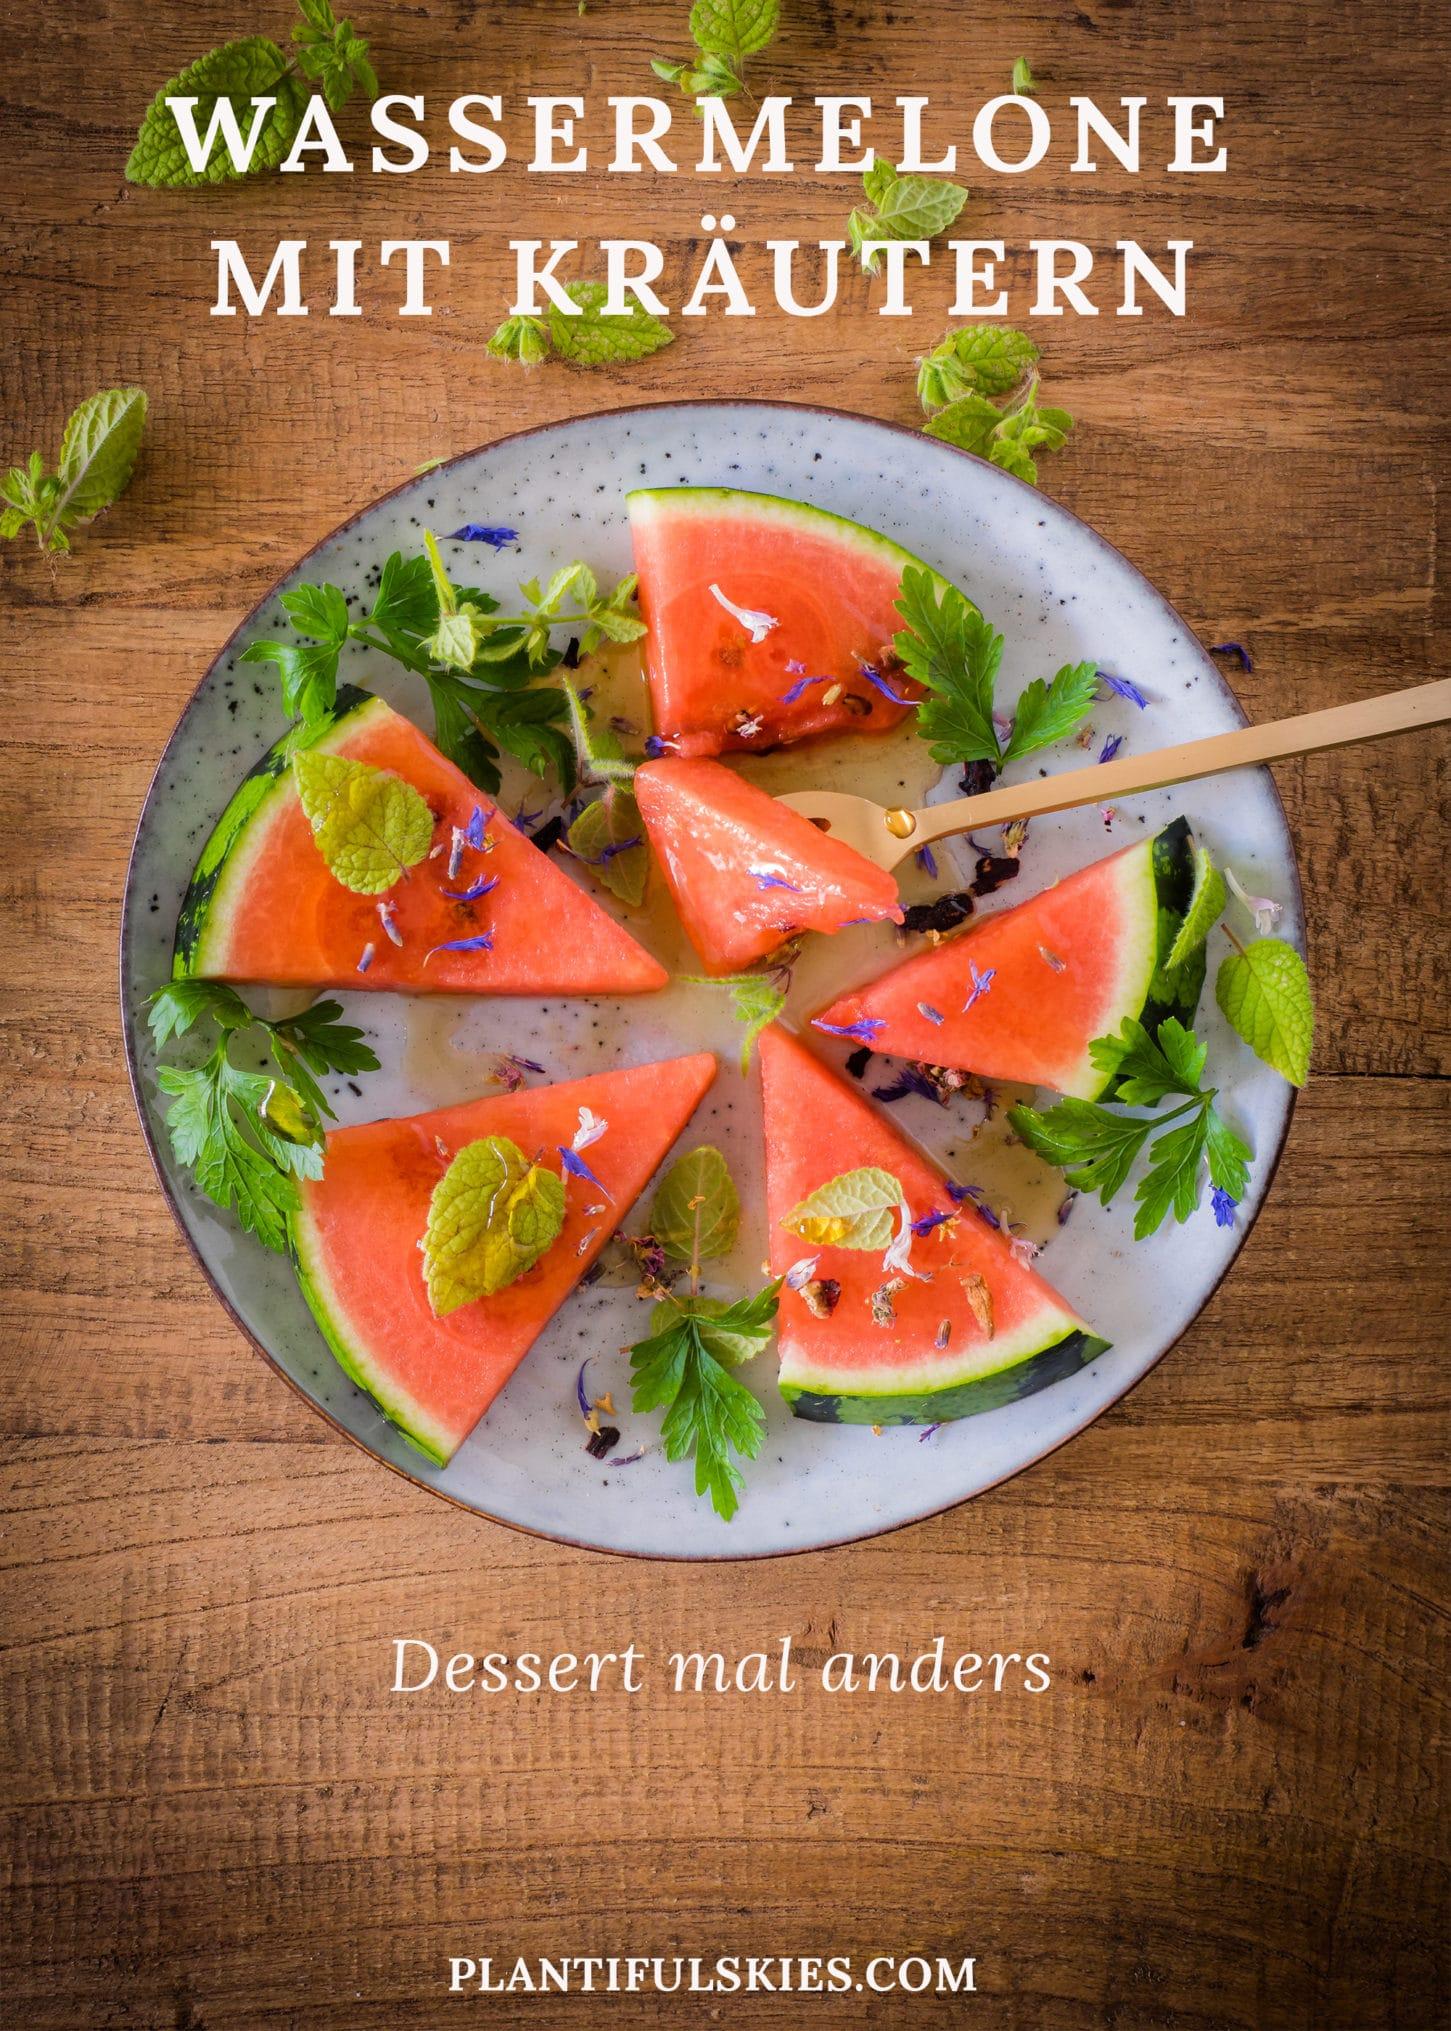 Dessert mal anders-Wassermelone mit Petersilie, Melisse und Ahornsirup